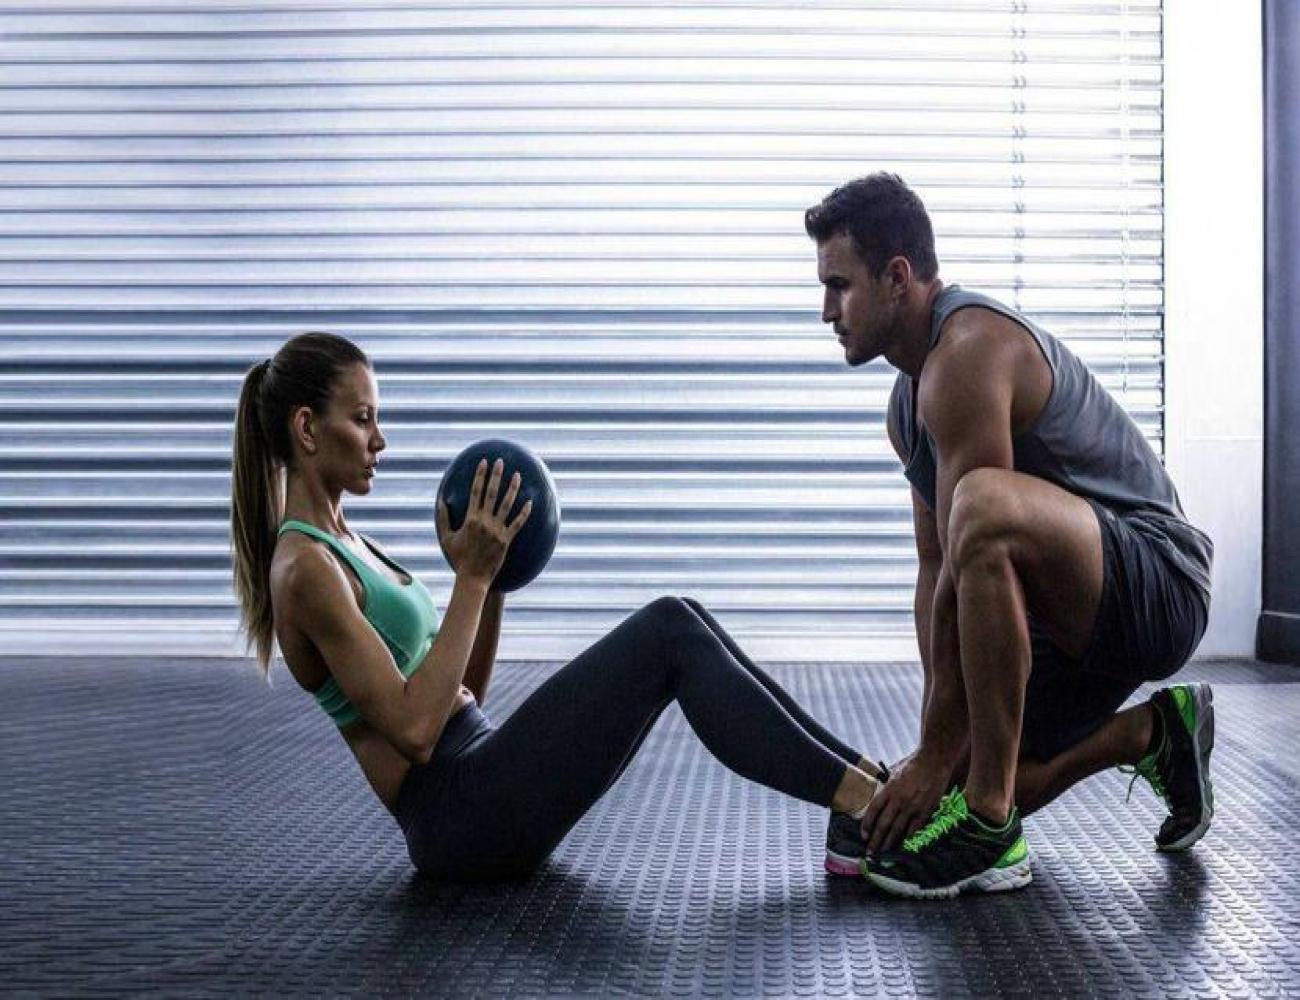 Sancaktepe spor salonu GOFIT ailesindeki PT Personal Trainer'lar (kişisel antrenman hocanız) insan anatomisi, biyomekaniği, egzersiz fizyolojisi